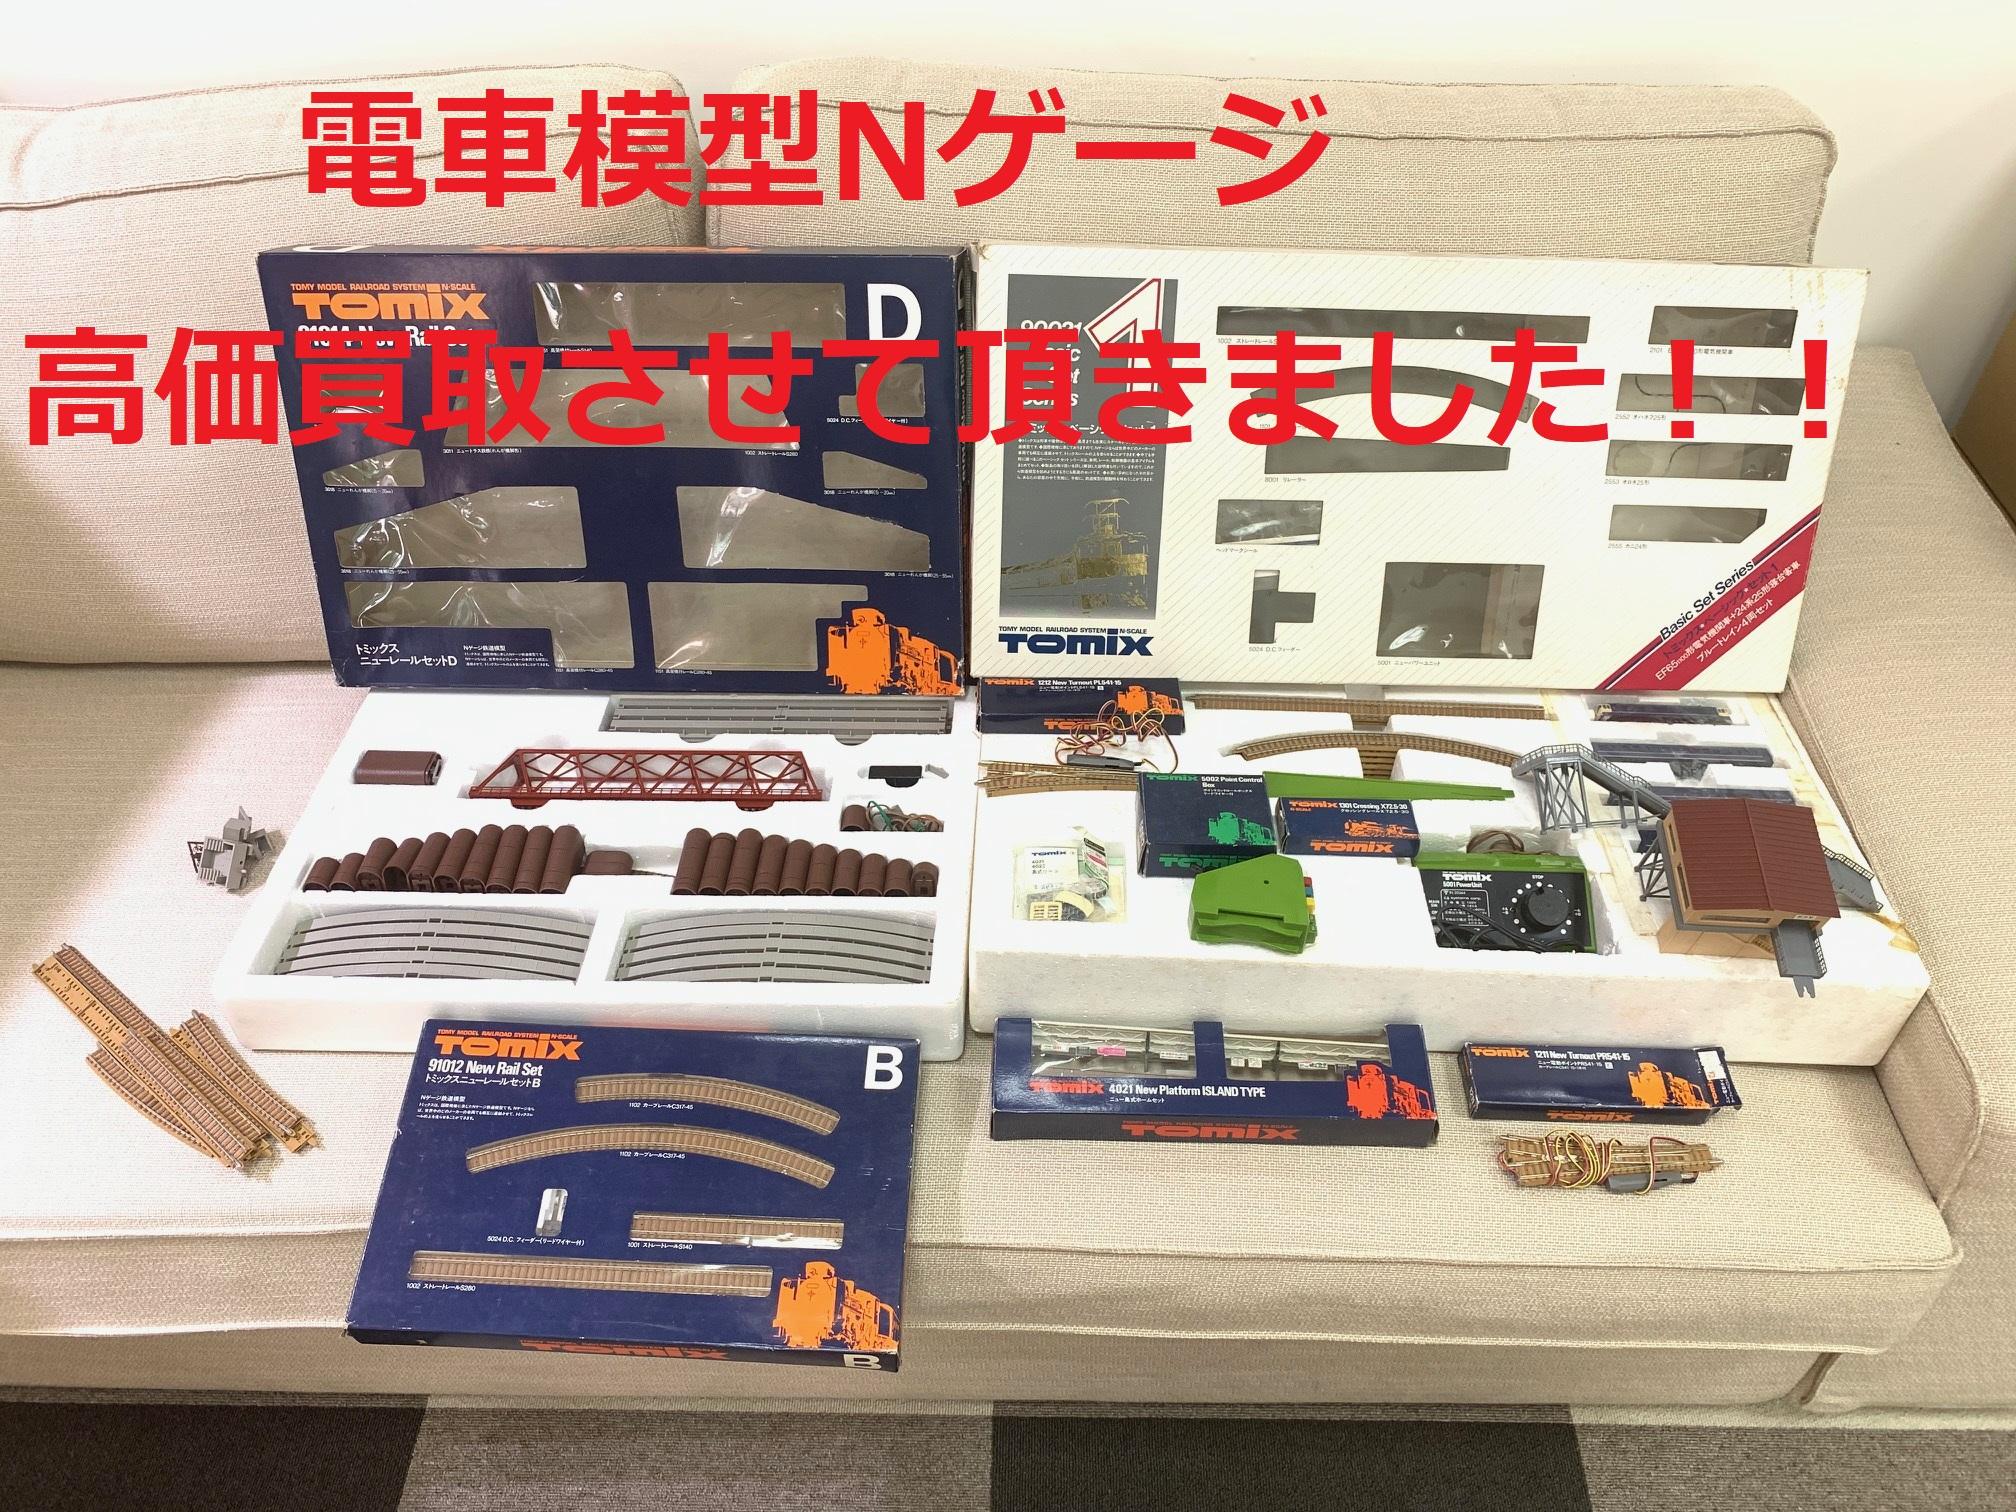 買取わかばイオン藤沢湘南ライフタウン店電車模型Nゲージ高価買取させて頂きました!!Nゲージ・トミカ・フィギュアなども大大大歓迎です!!